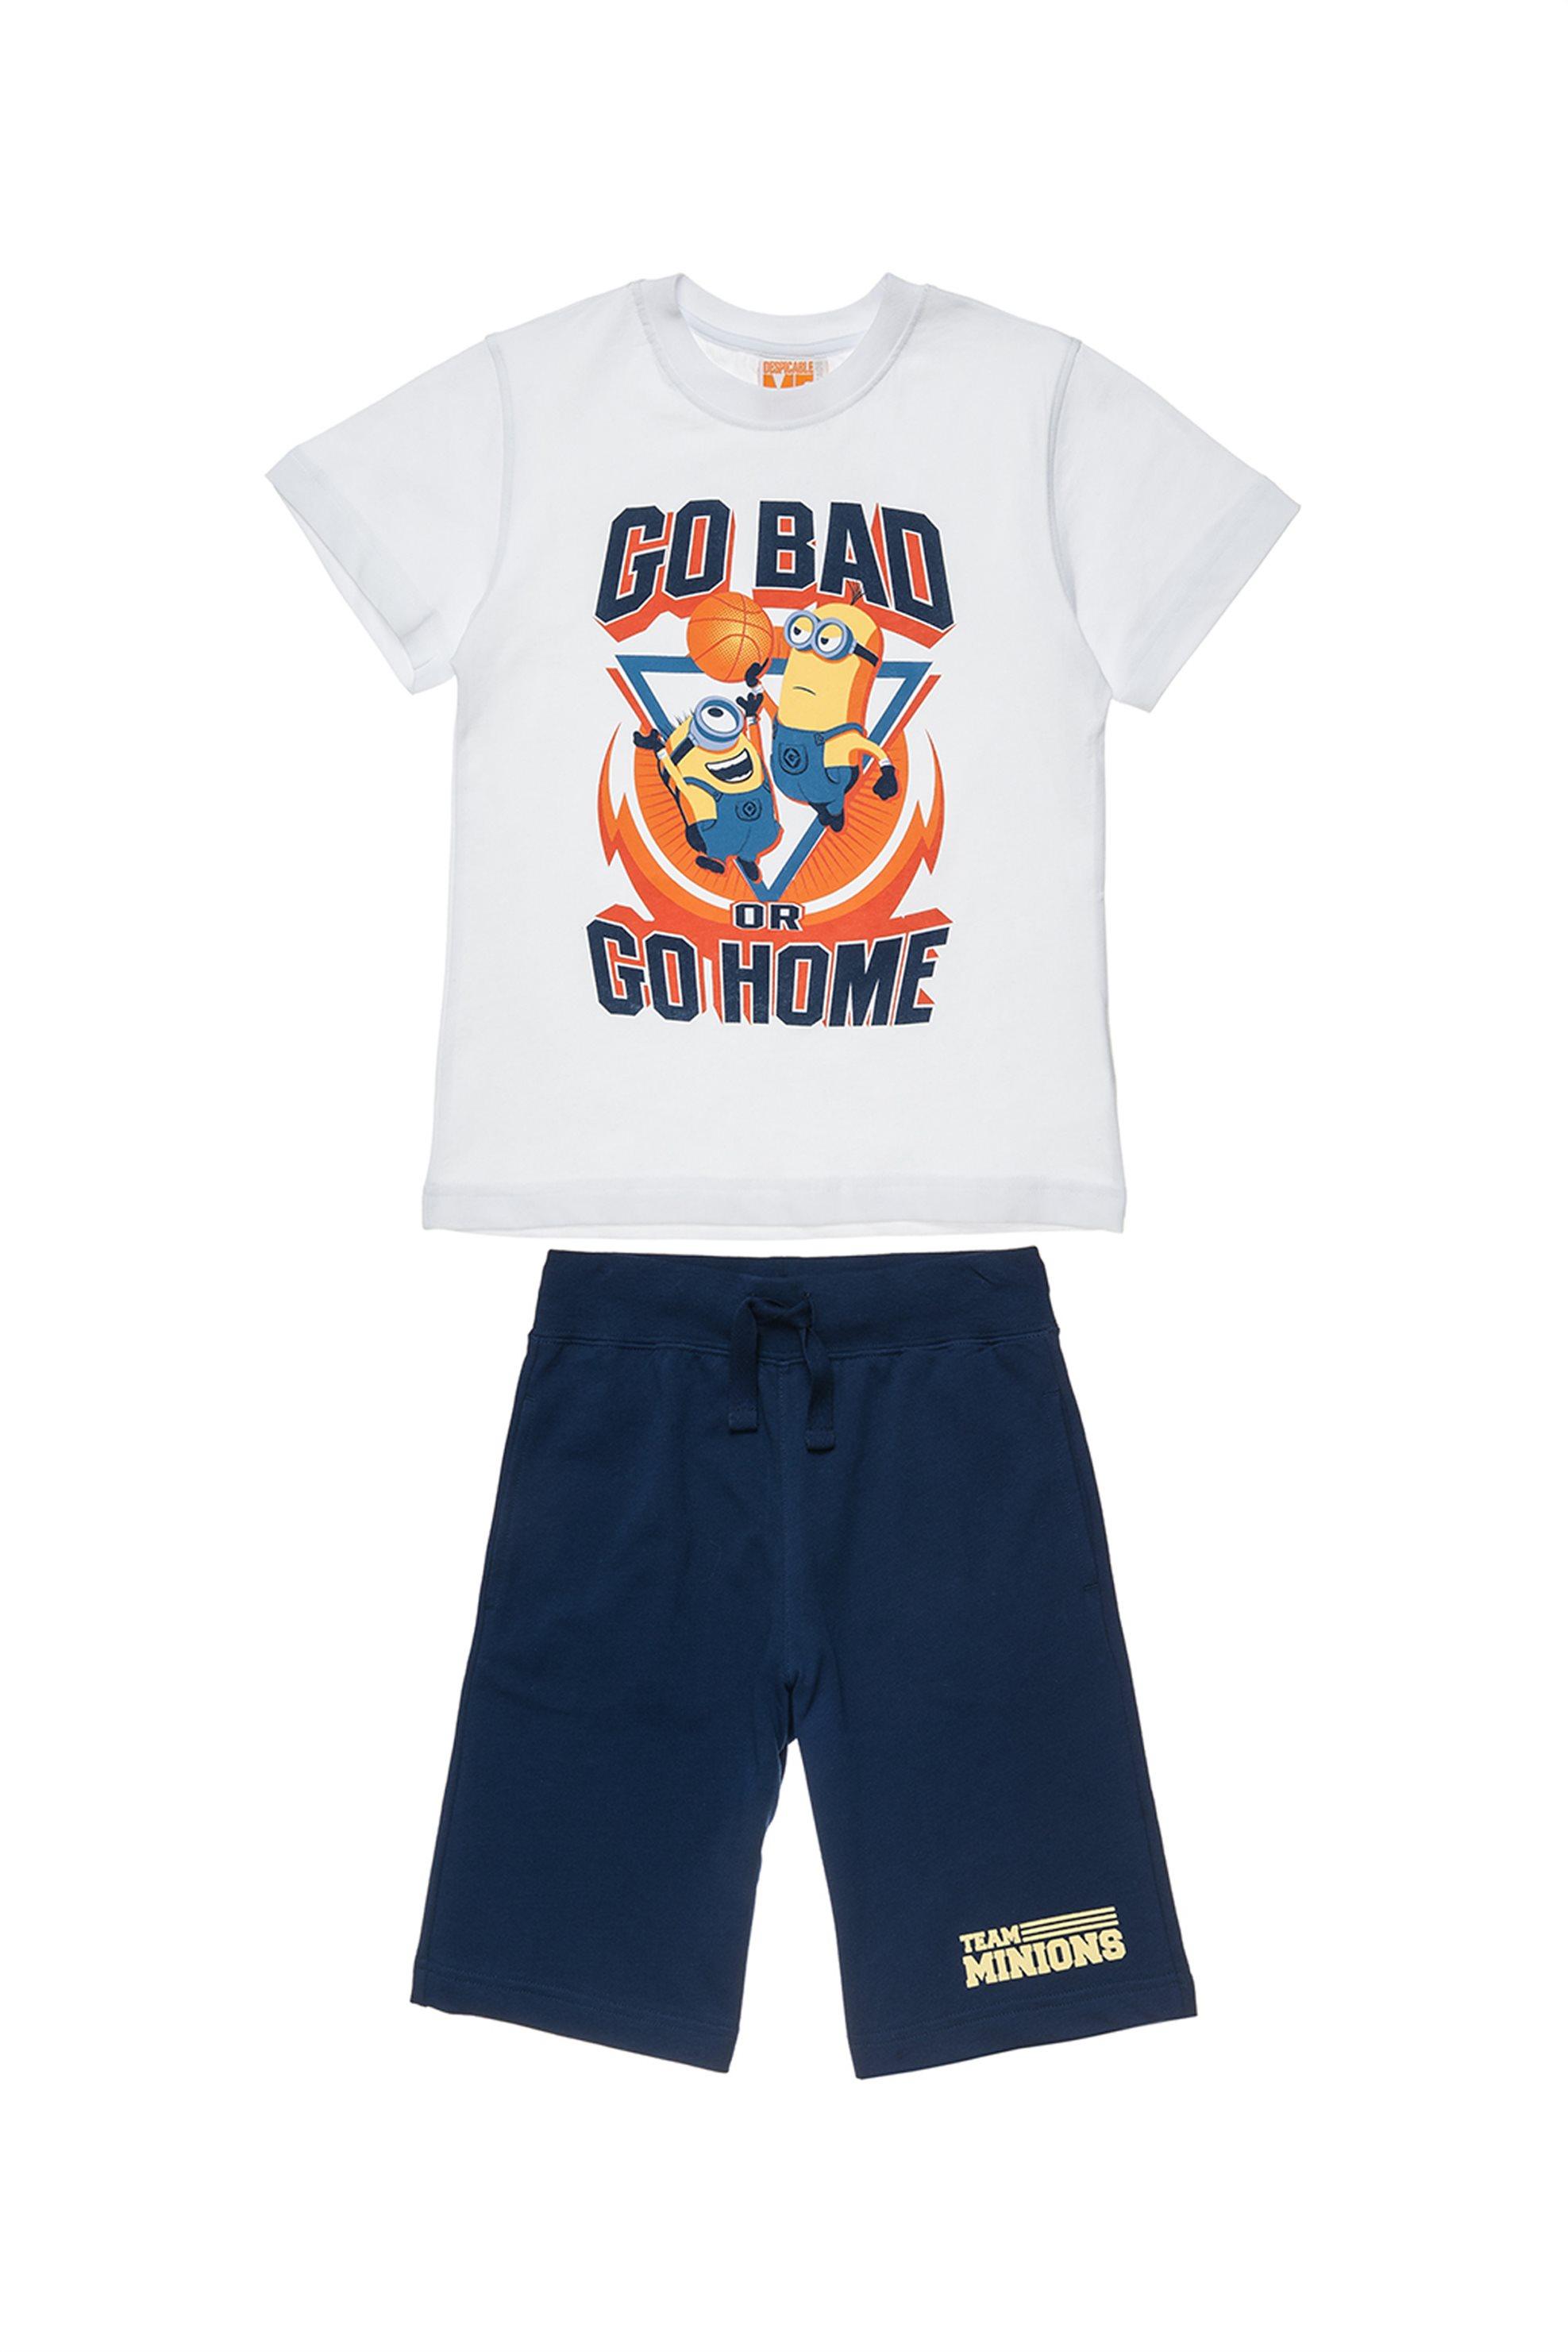 Παιδικό σετ T-shirt print και βερμούδα (3 -12 ετών) Minions Collection - 0017035 παιδι   αγορι   4 14 ετων   σετ ρούχων